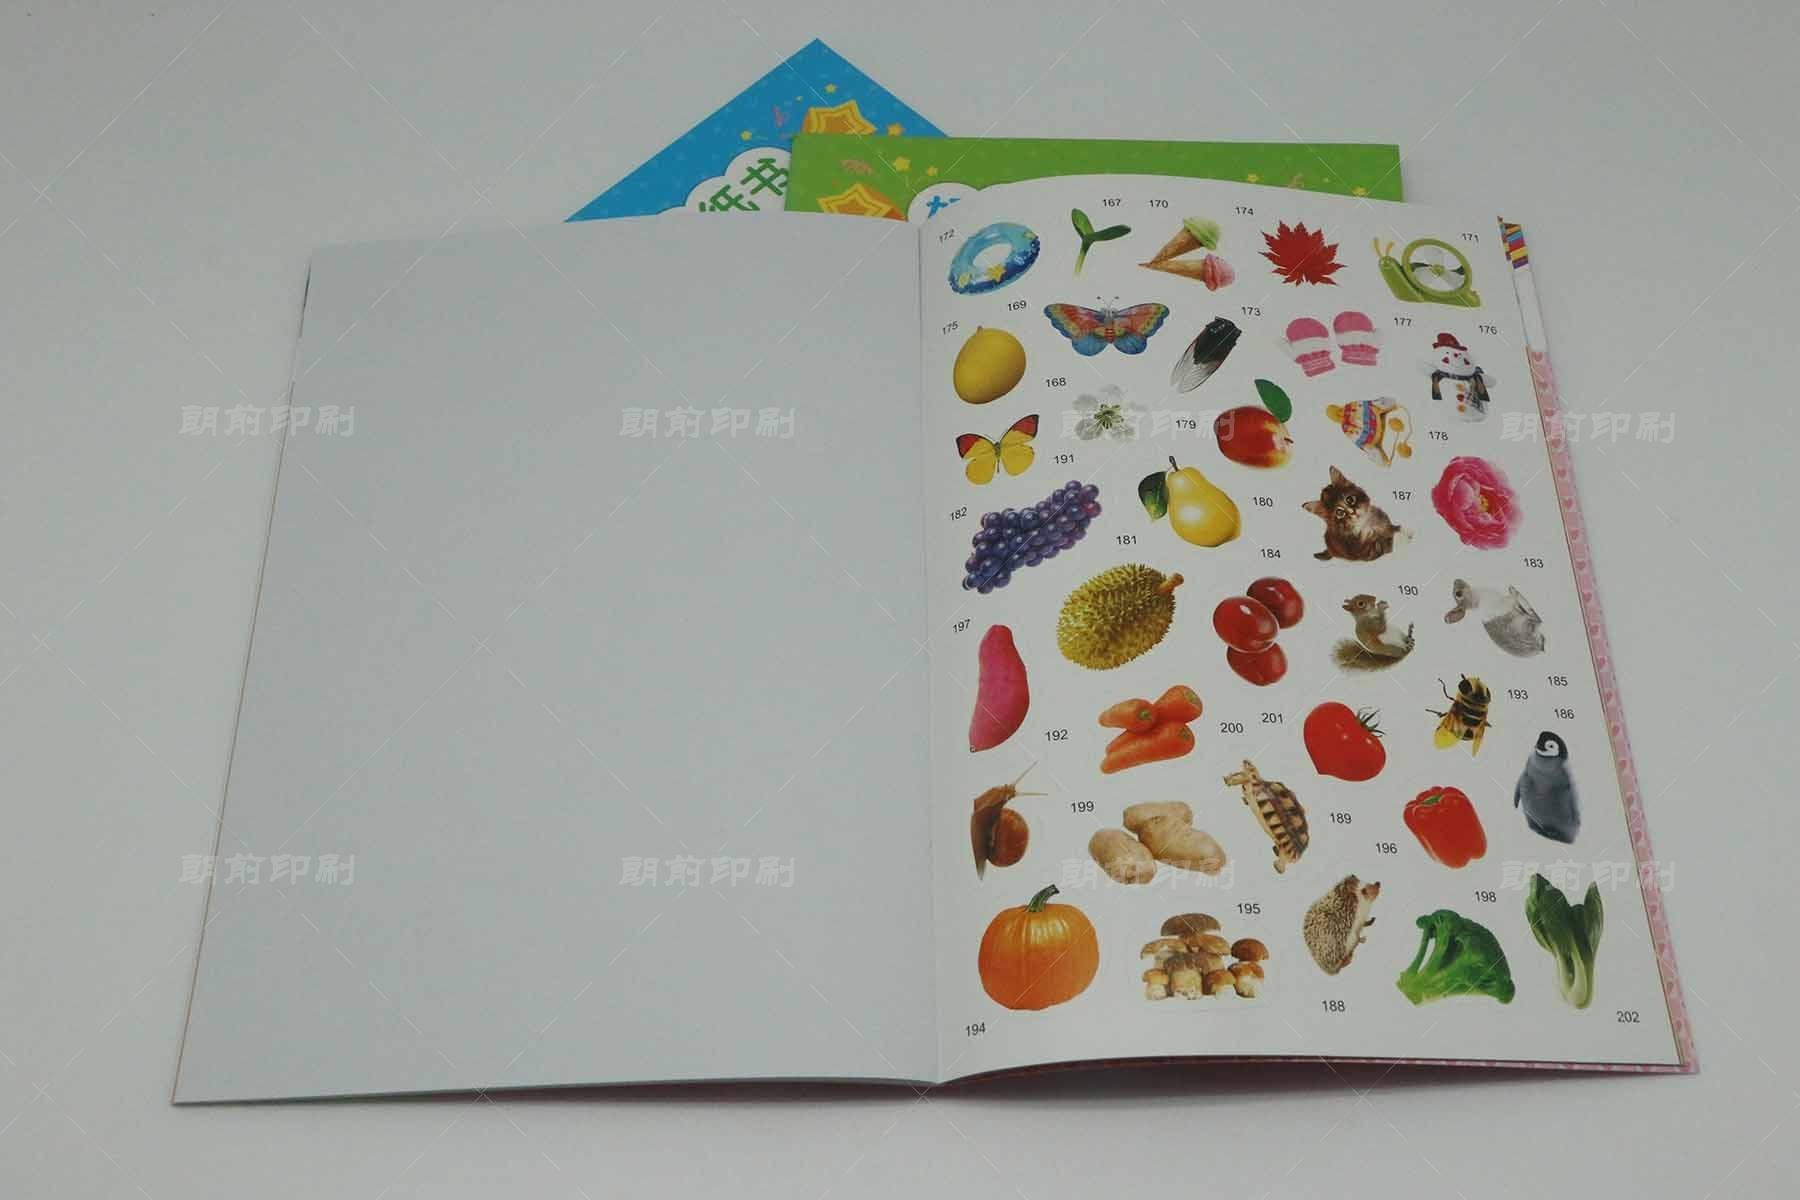 广州制作公司产品画册的费用 广州做一个画册印刷需要多少钱